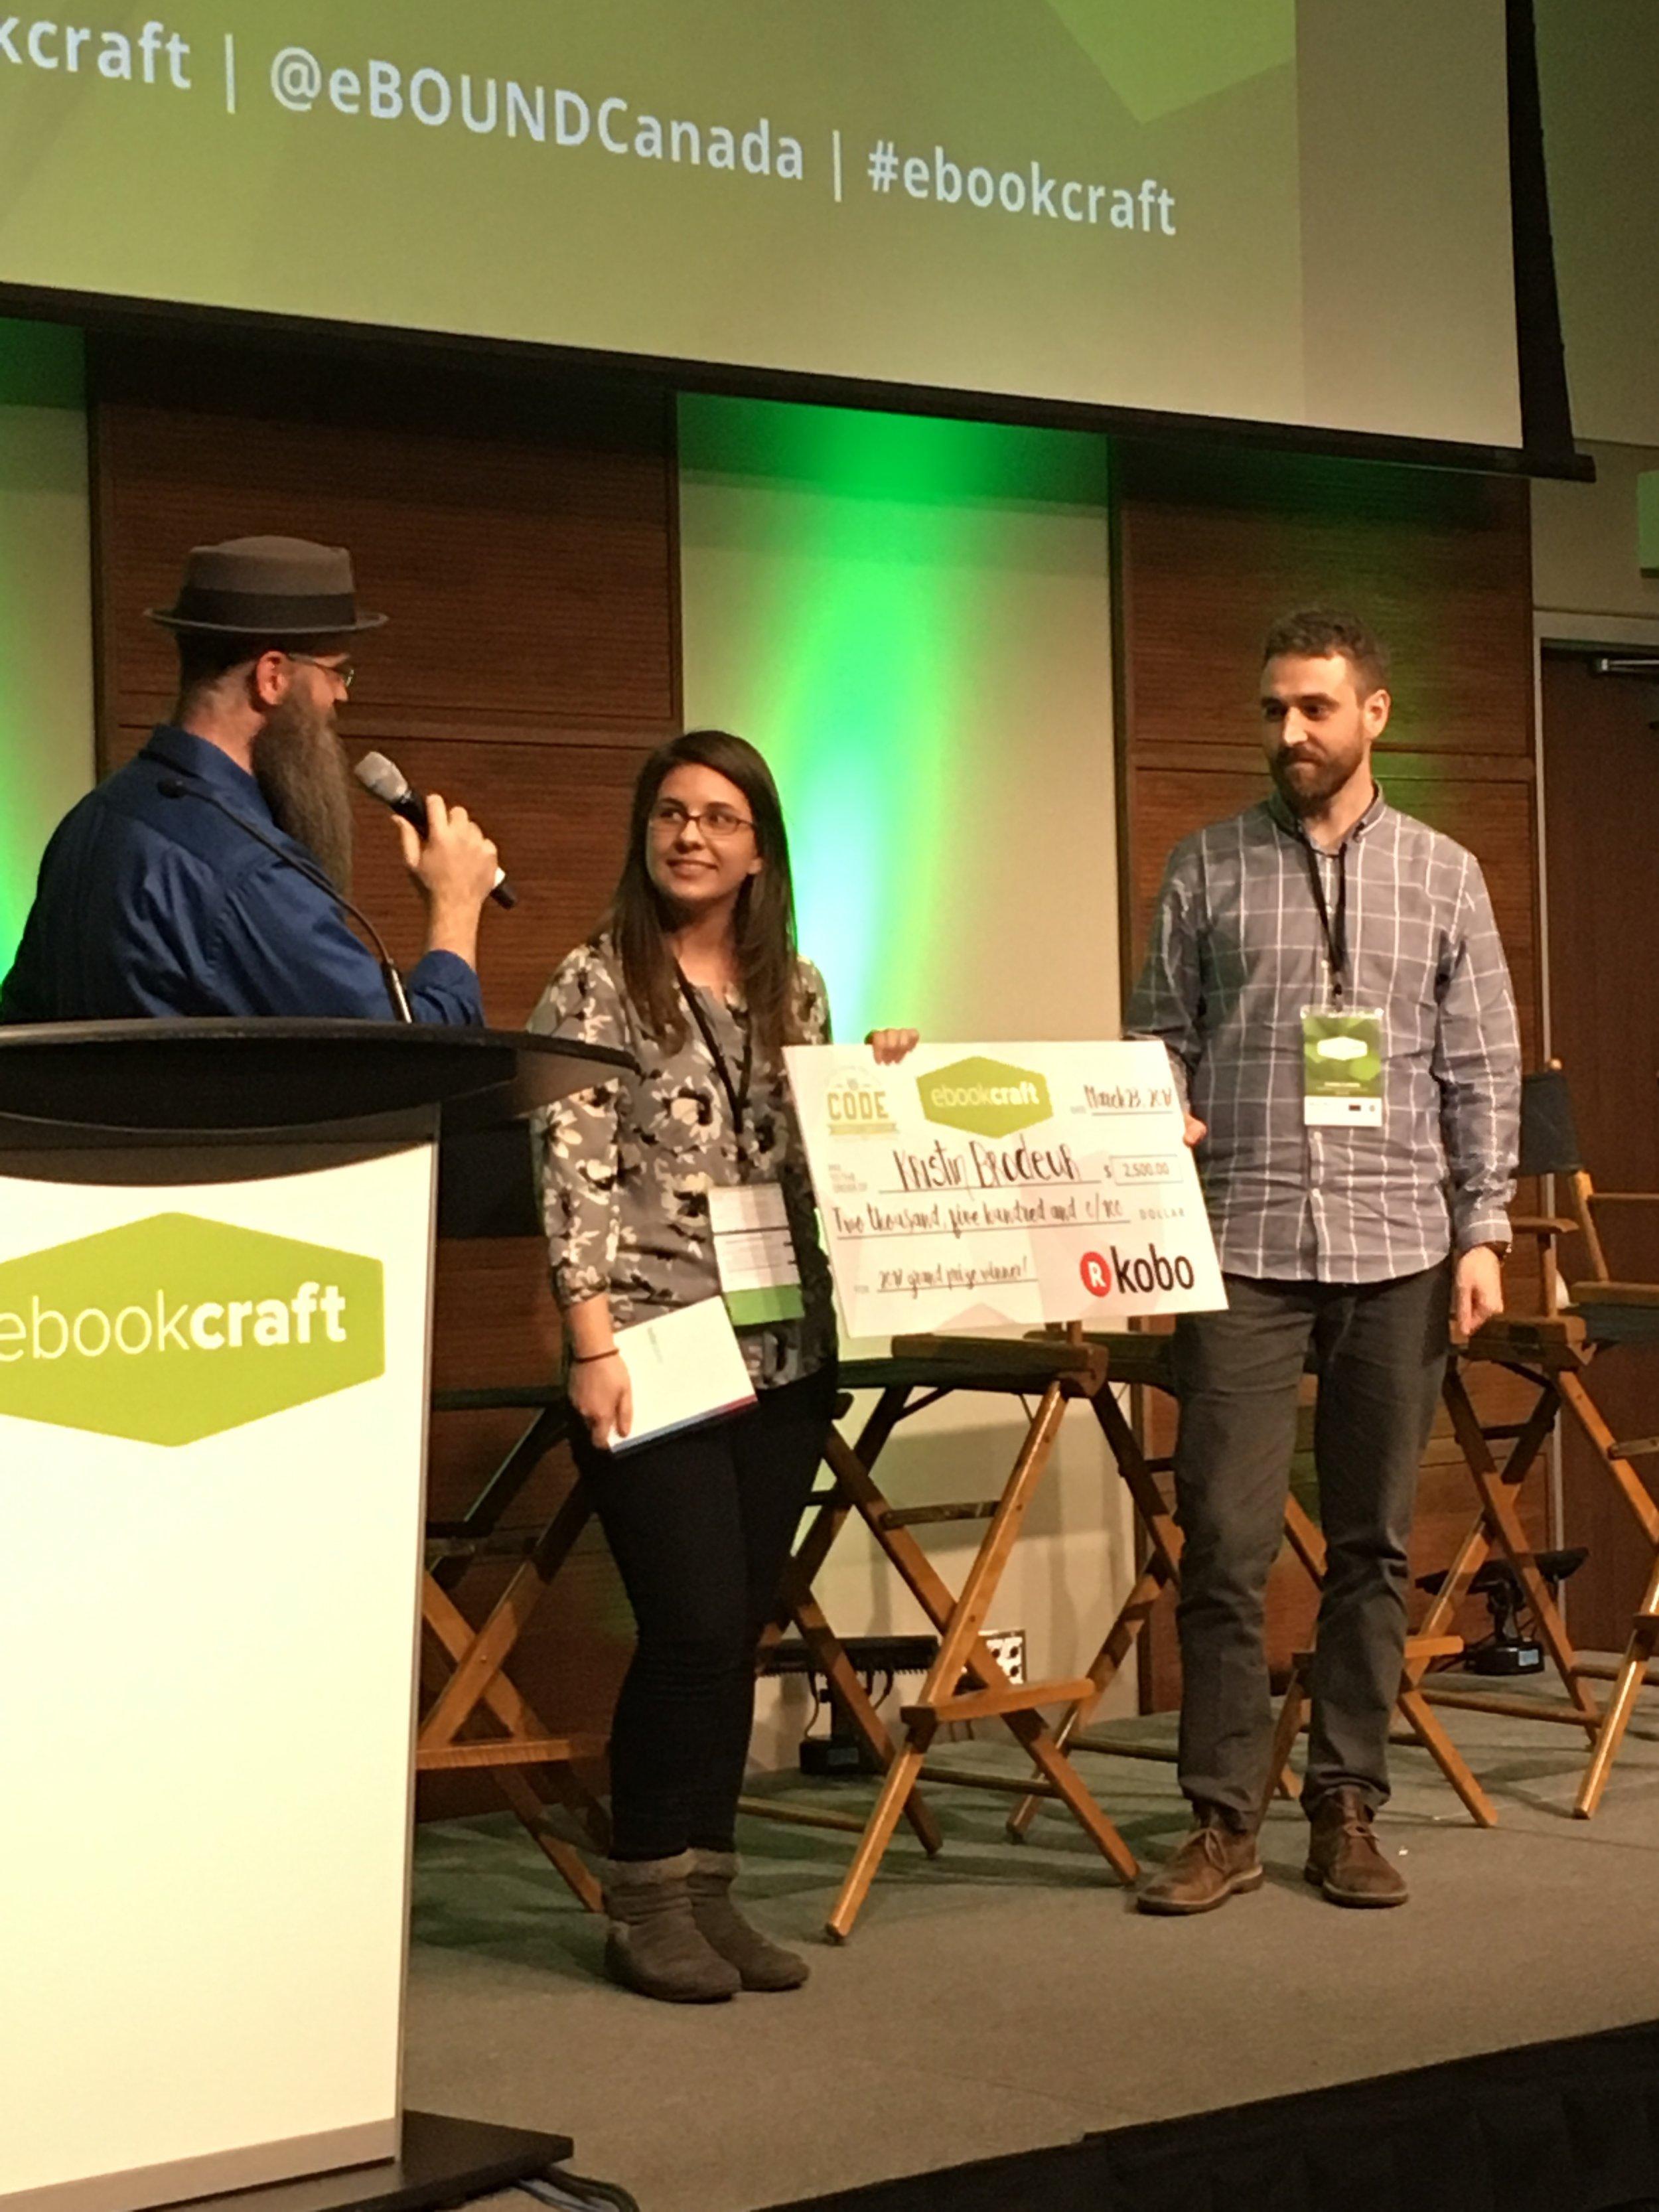 (L-R: Joshua Tallent, judge, Kristin Brodeur, winner, and Symon Flaming, Kobo representative.)